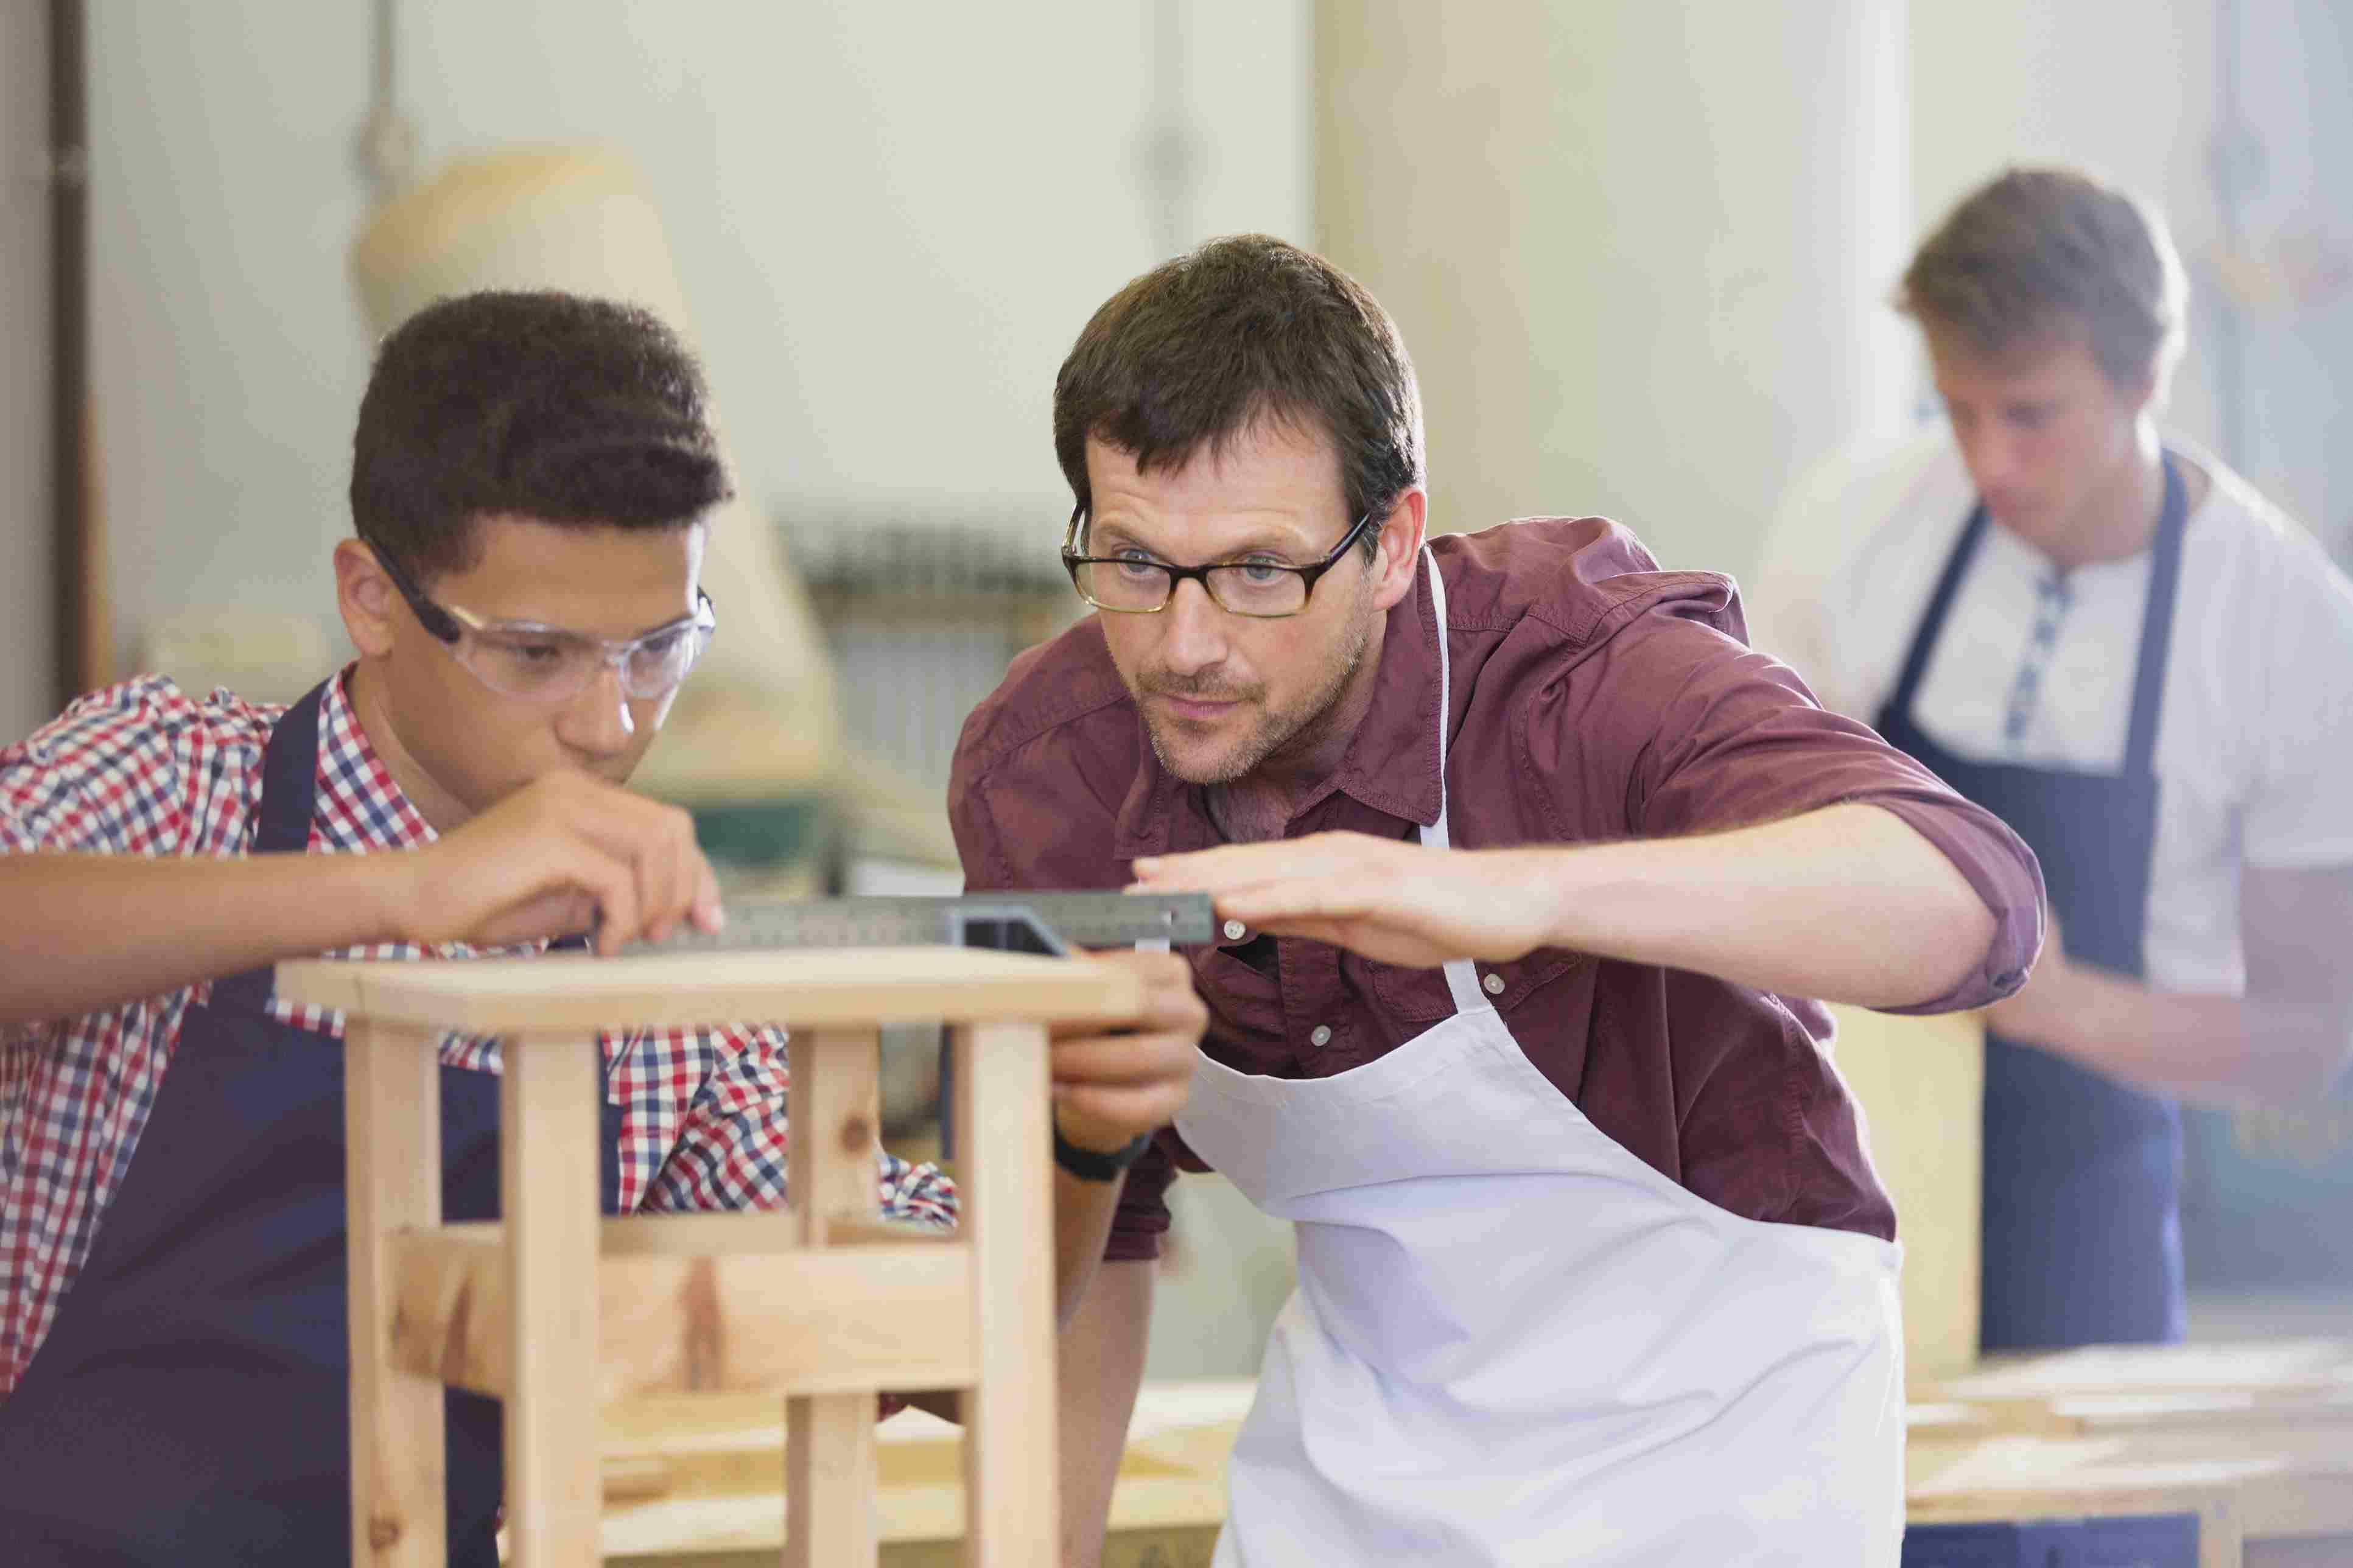 Focused carpenters measuring wood in workshop